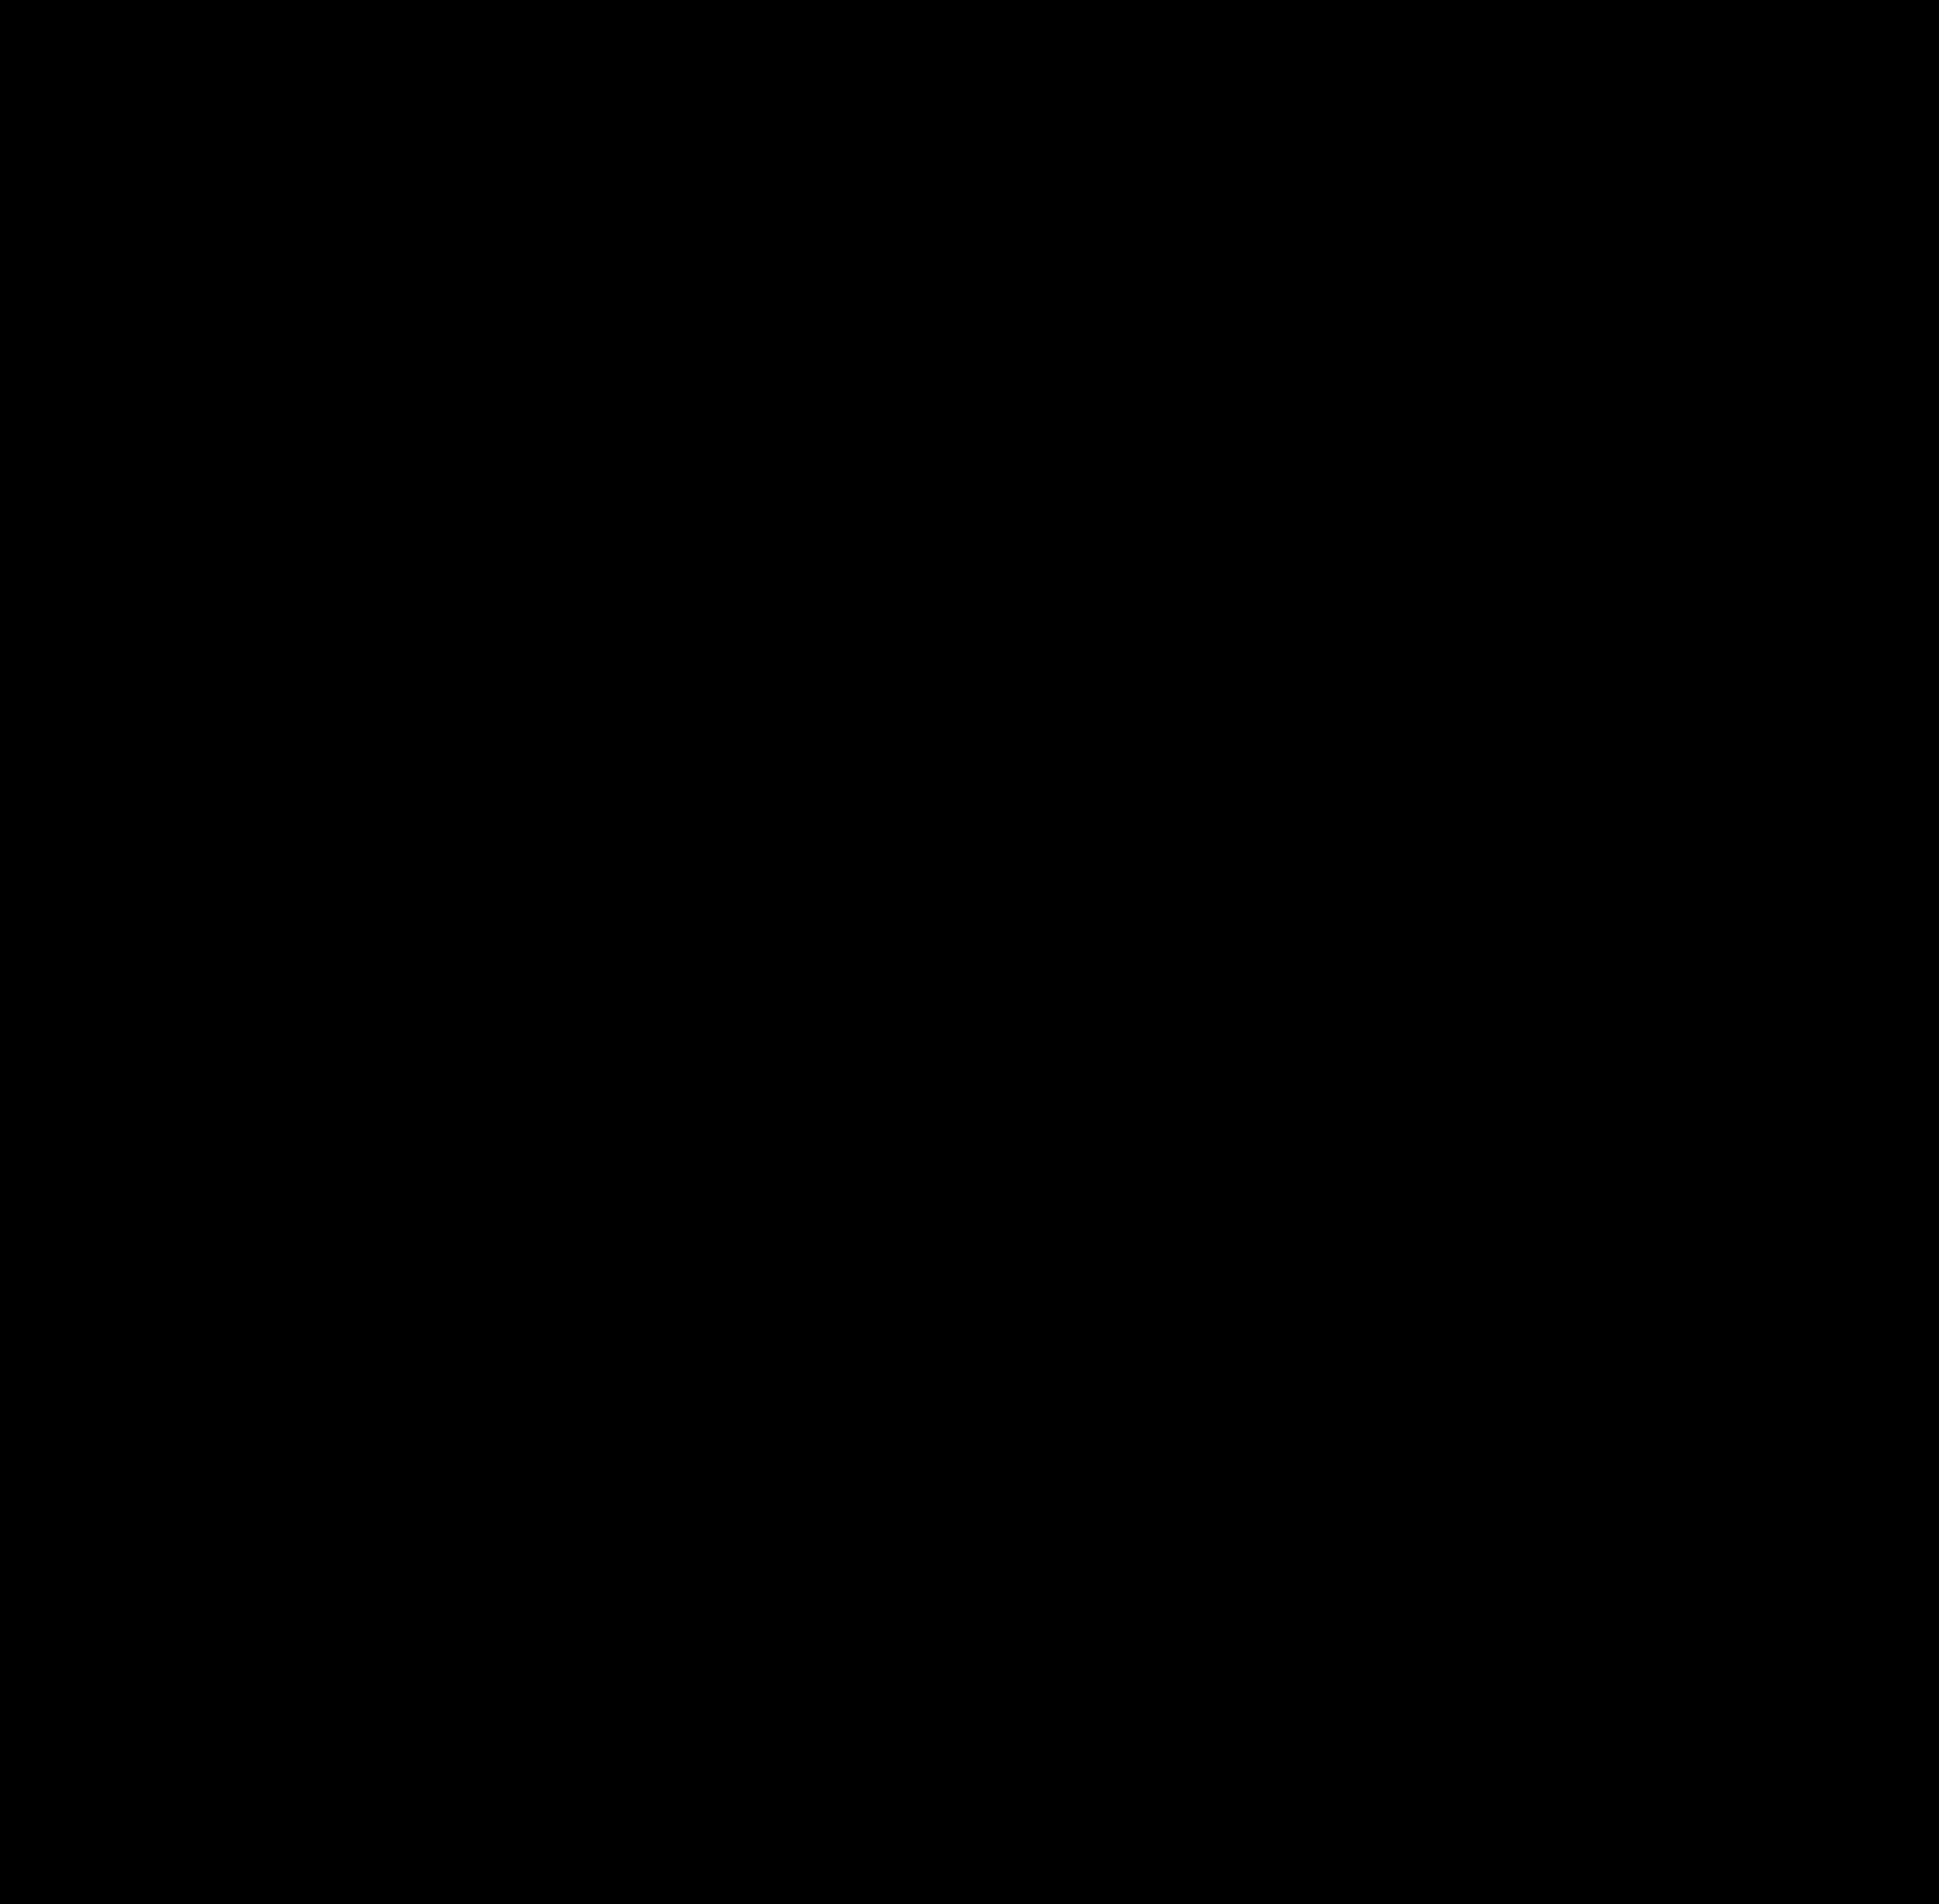 tekstil_logo_sq_transp_noborder.png